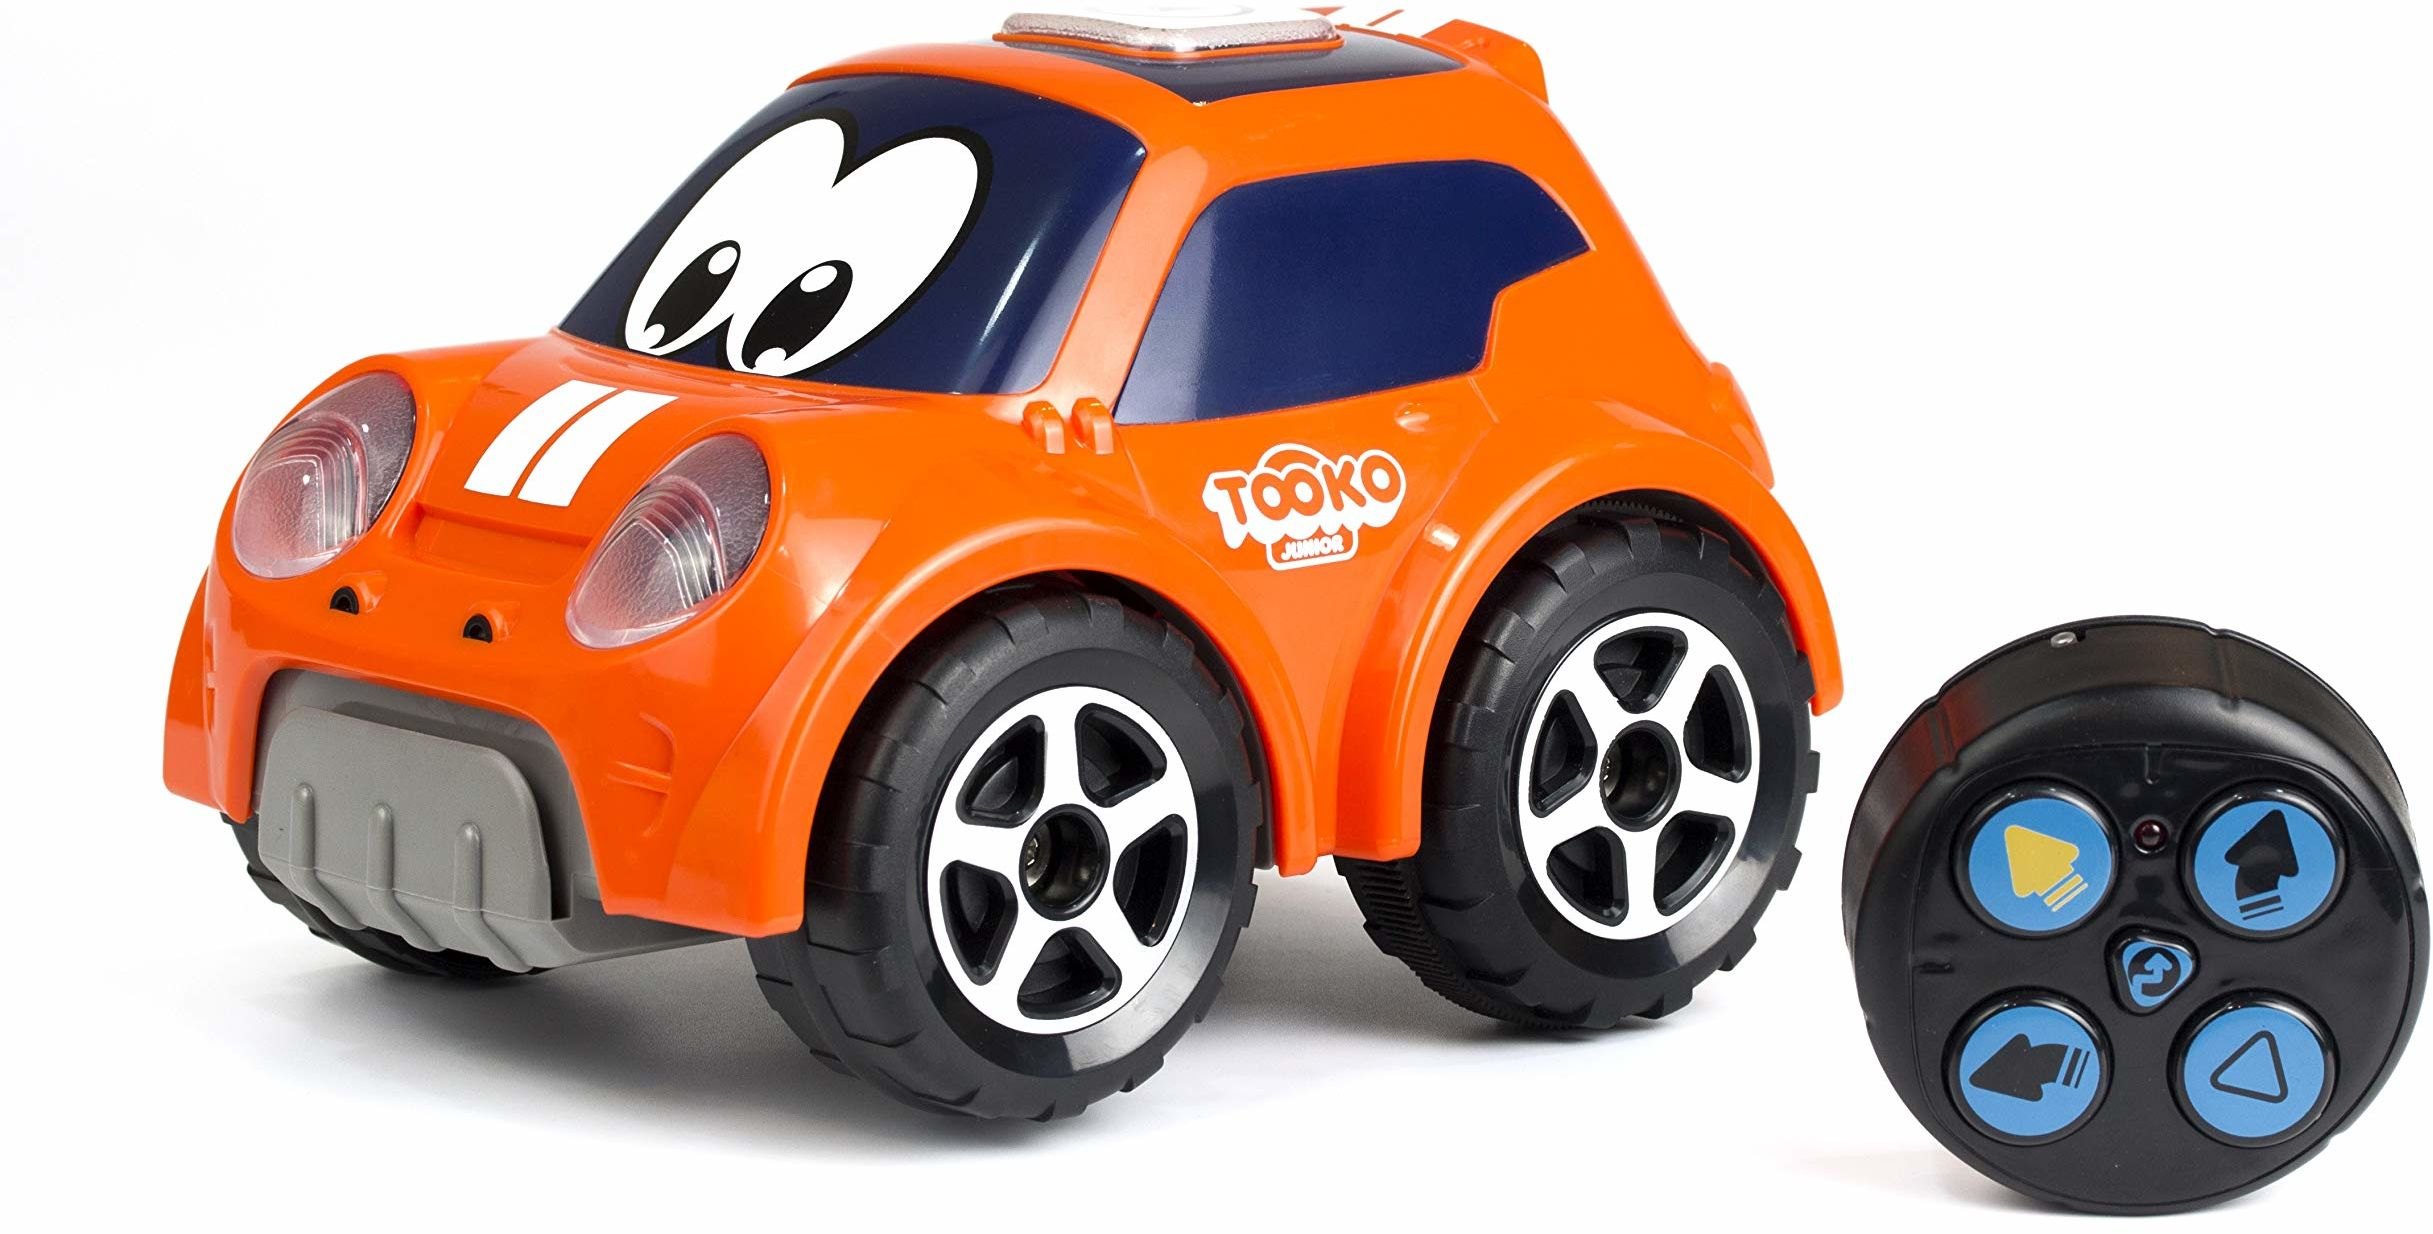 Silverlit - 81472 - Follow me Car - Tooko - samochodzik zabawkowy - od 2 lat - pomarańczowy